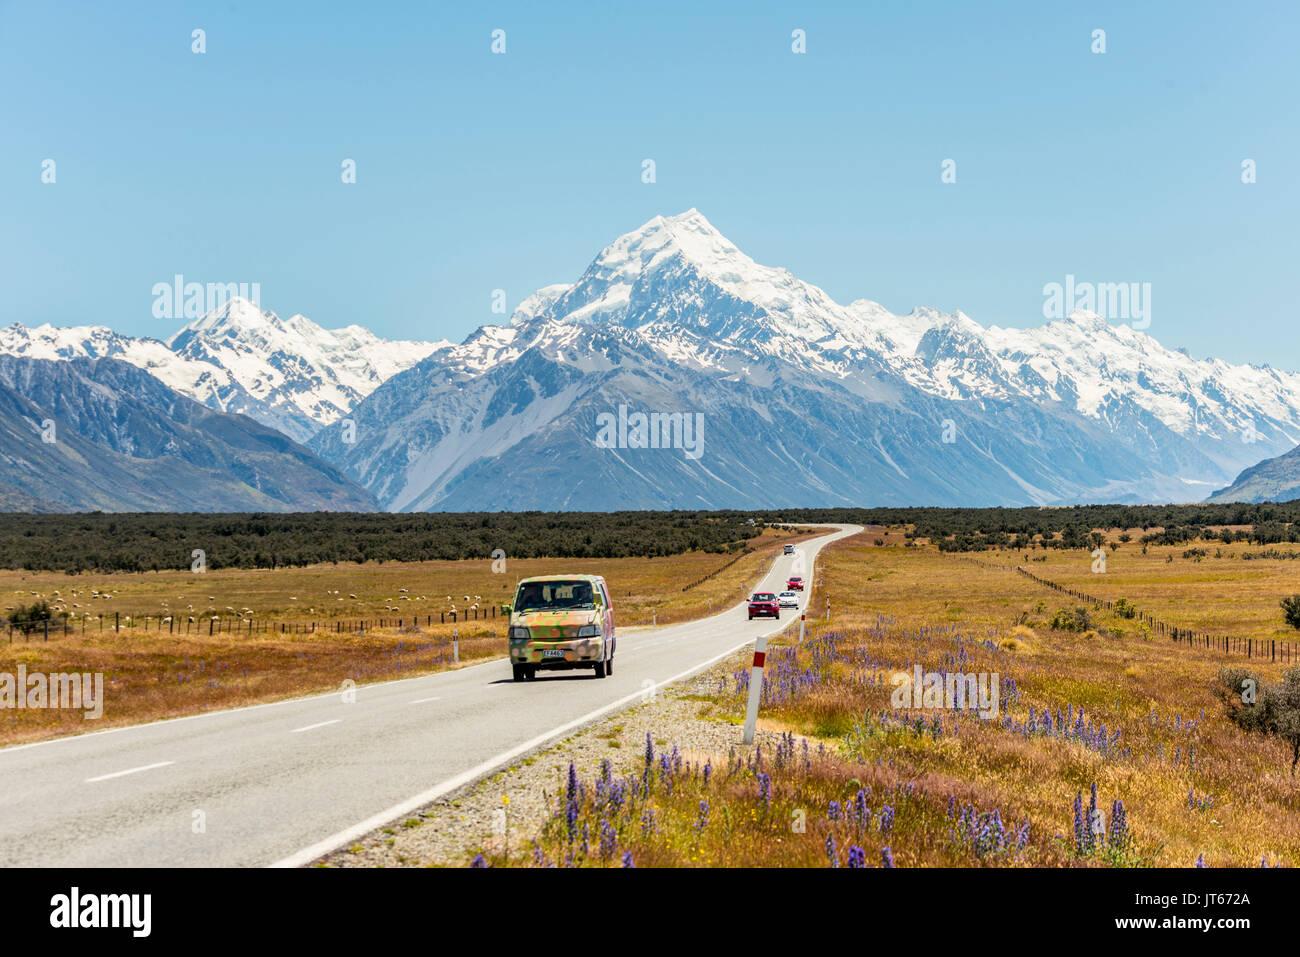 Kurvige Straße mit Blick auf den Mount Cook, schneebedeckte Berge, Mount Cook National Park der südlichen Alpen, Canterbury, Südinsel Stockbild